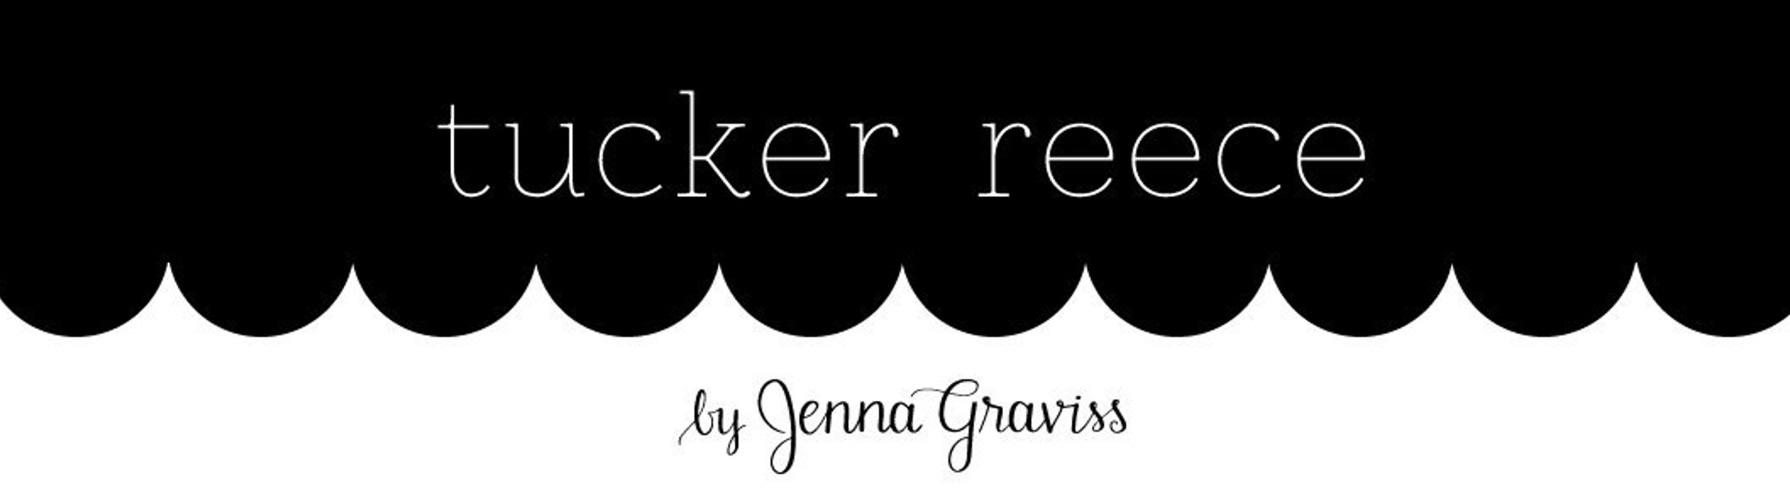 Jennifer Graviss